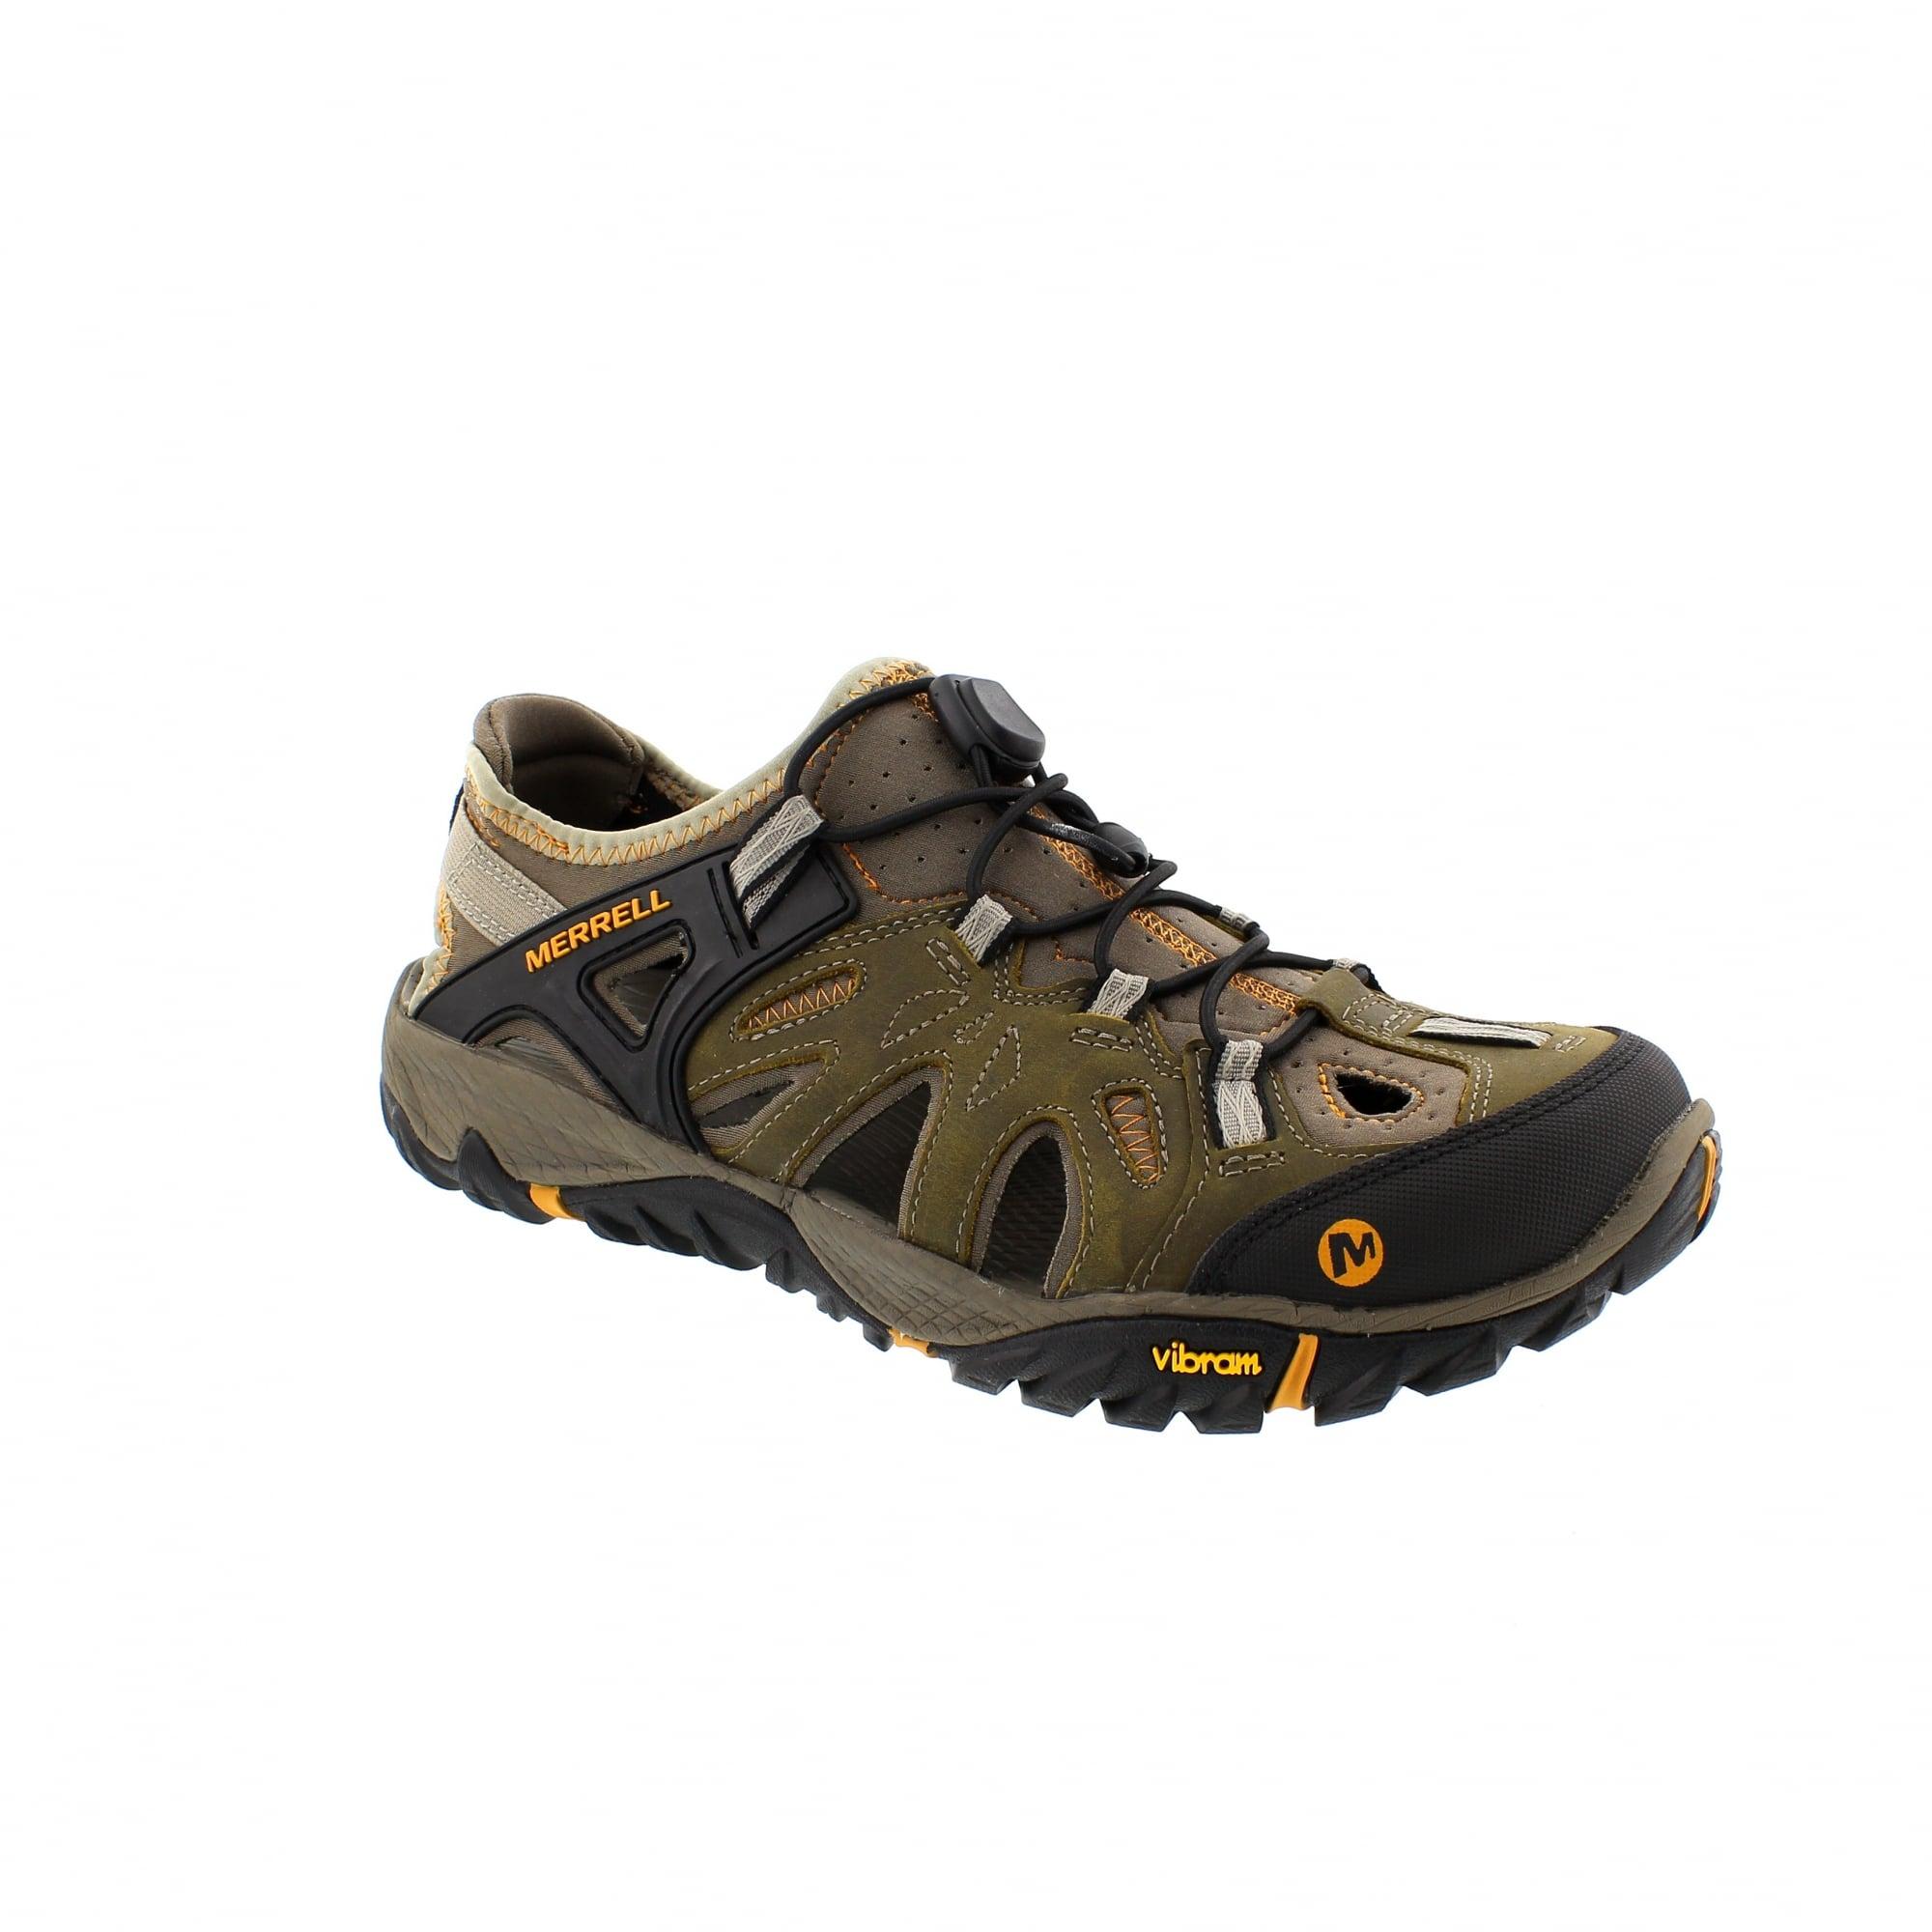 4bece6a99255 Merrell All Out Blaze Sieve J65243 Mens Walking Sandals